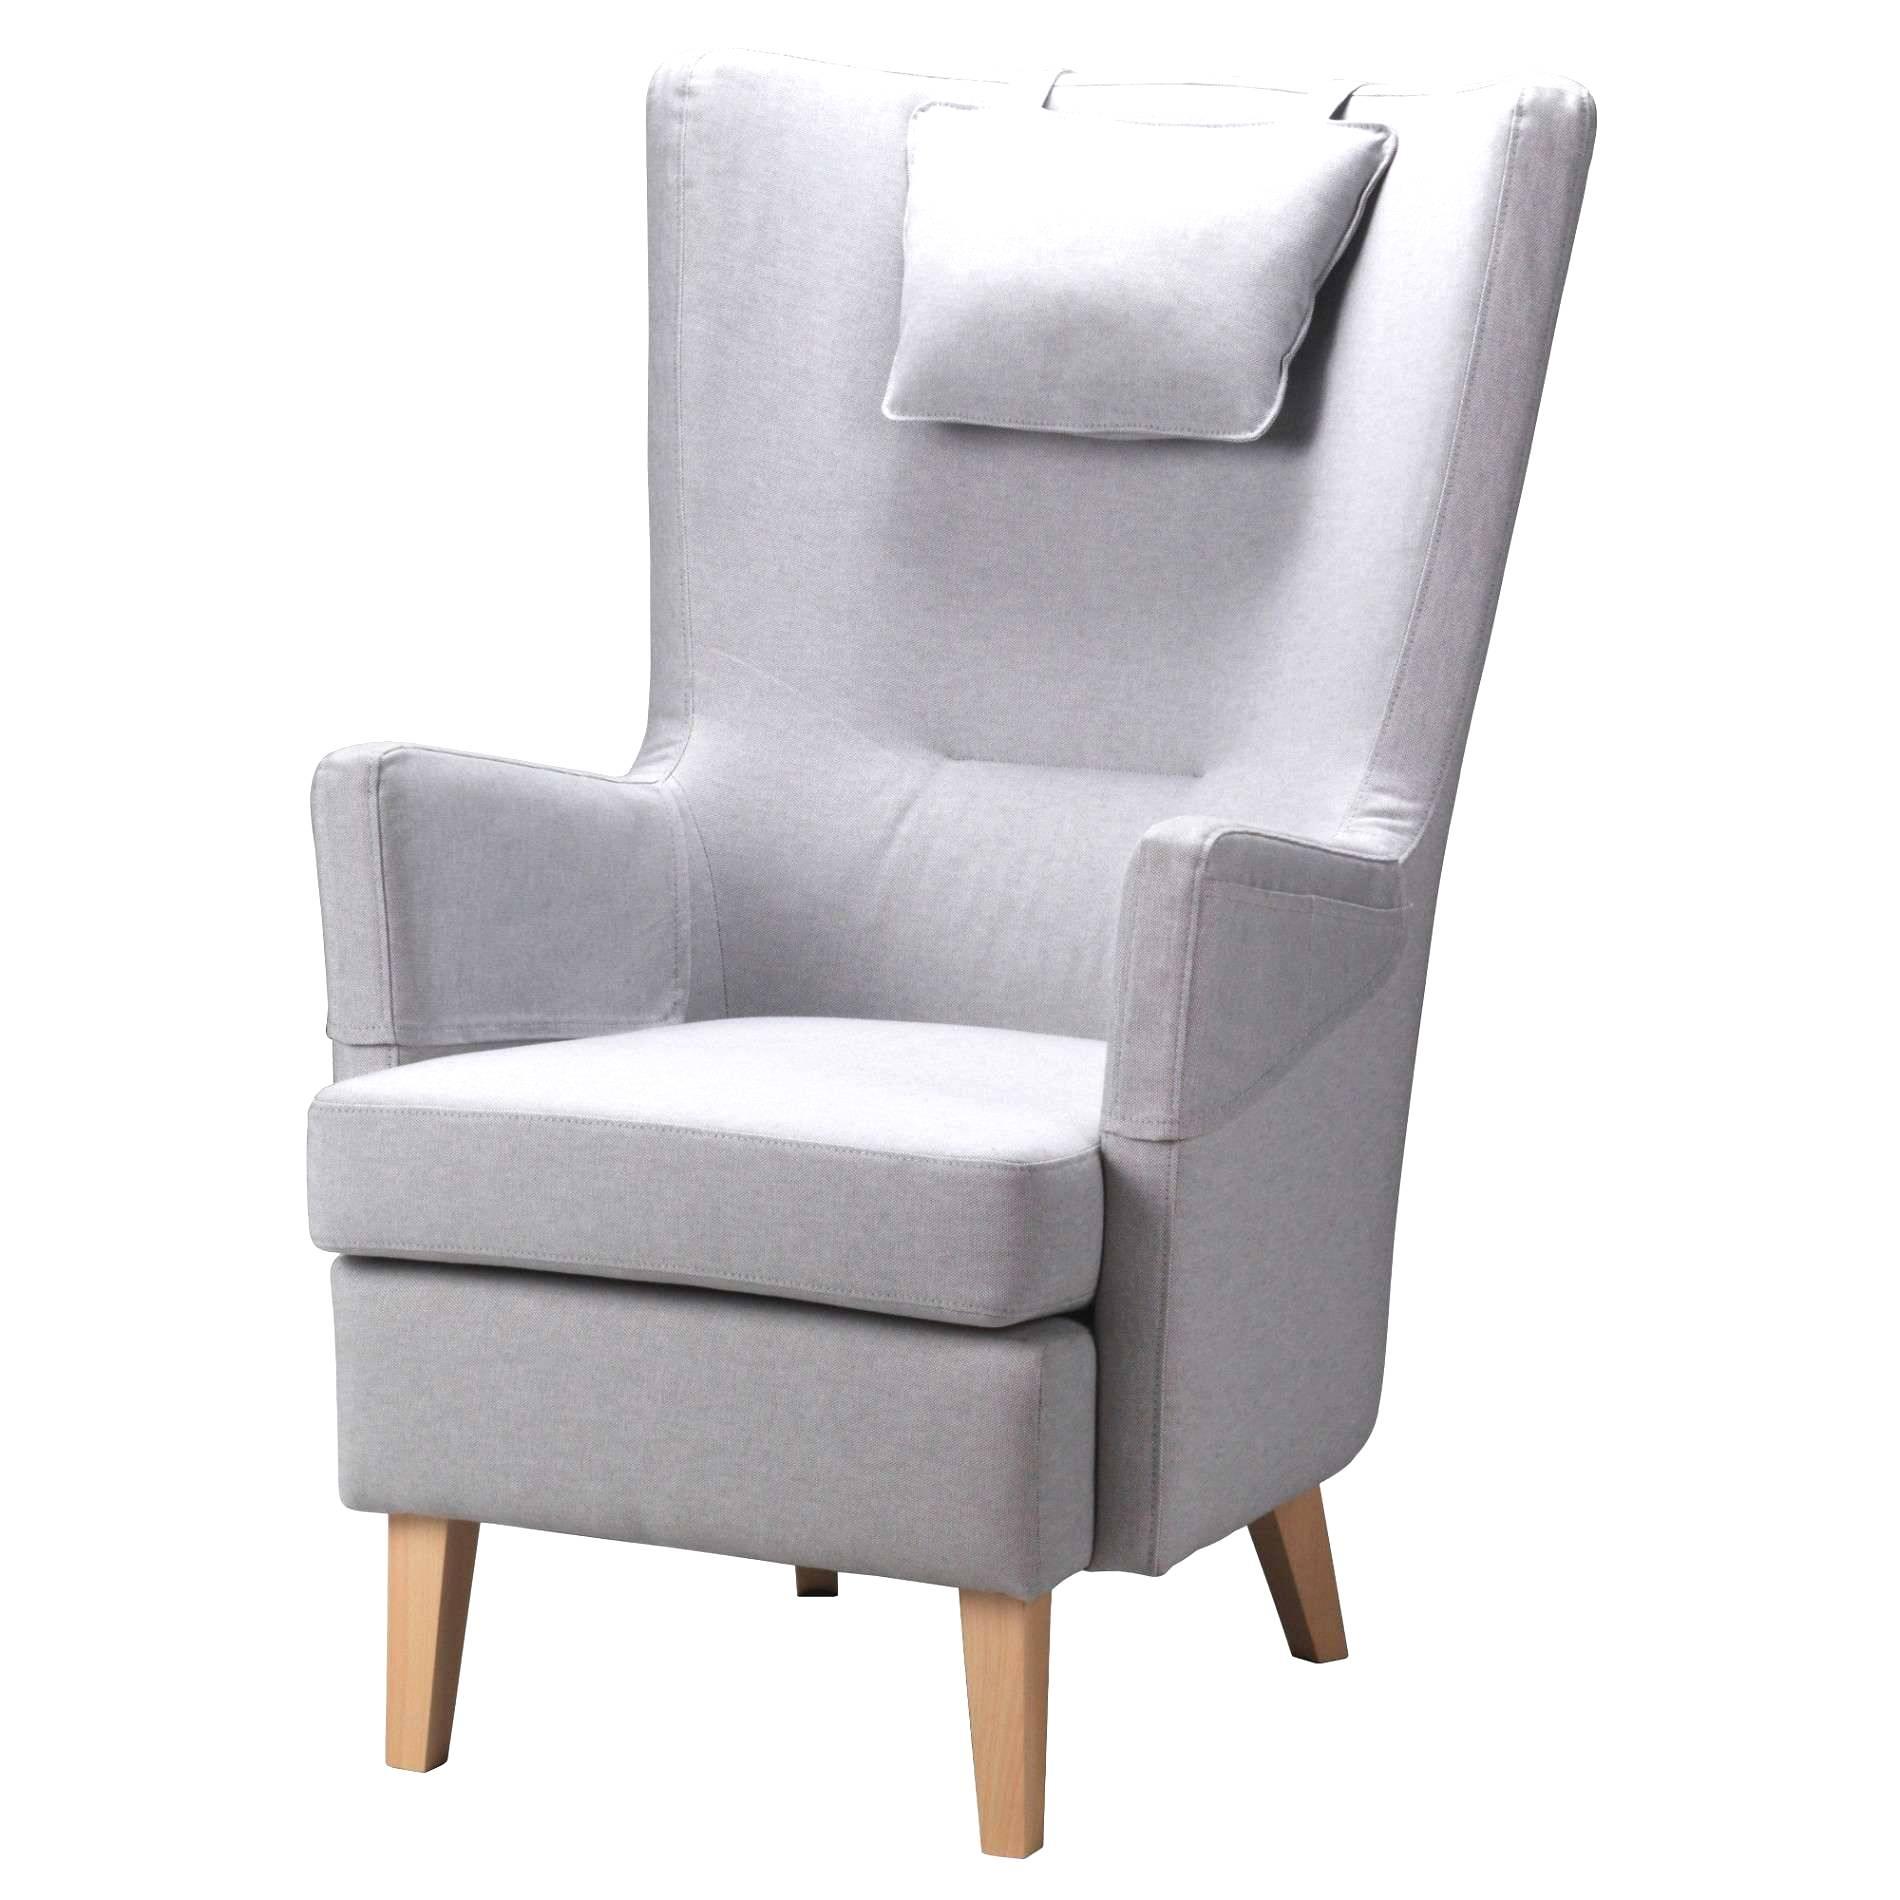 Full Size of Stuhl Für Schlafzimmer Kleiderablage Gardinen Kommode Schranksysteme Regal Getränkekisten Teppich Rollos Fenster Luxus Schränke Lampe Mit überbau Komplett Schlafzimmer Stuhl Für Schlafzimmer